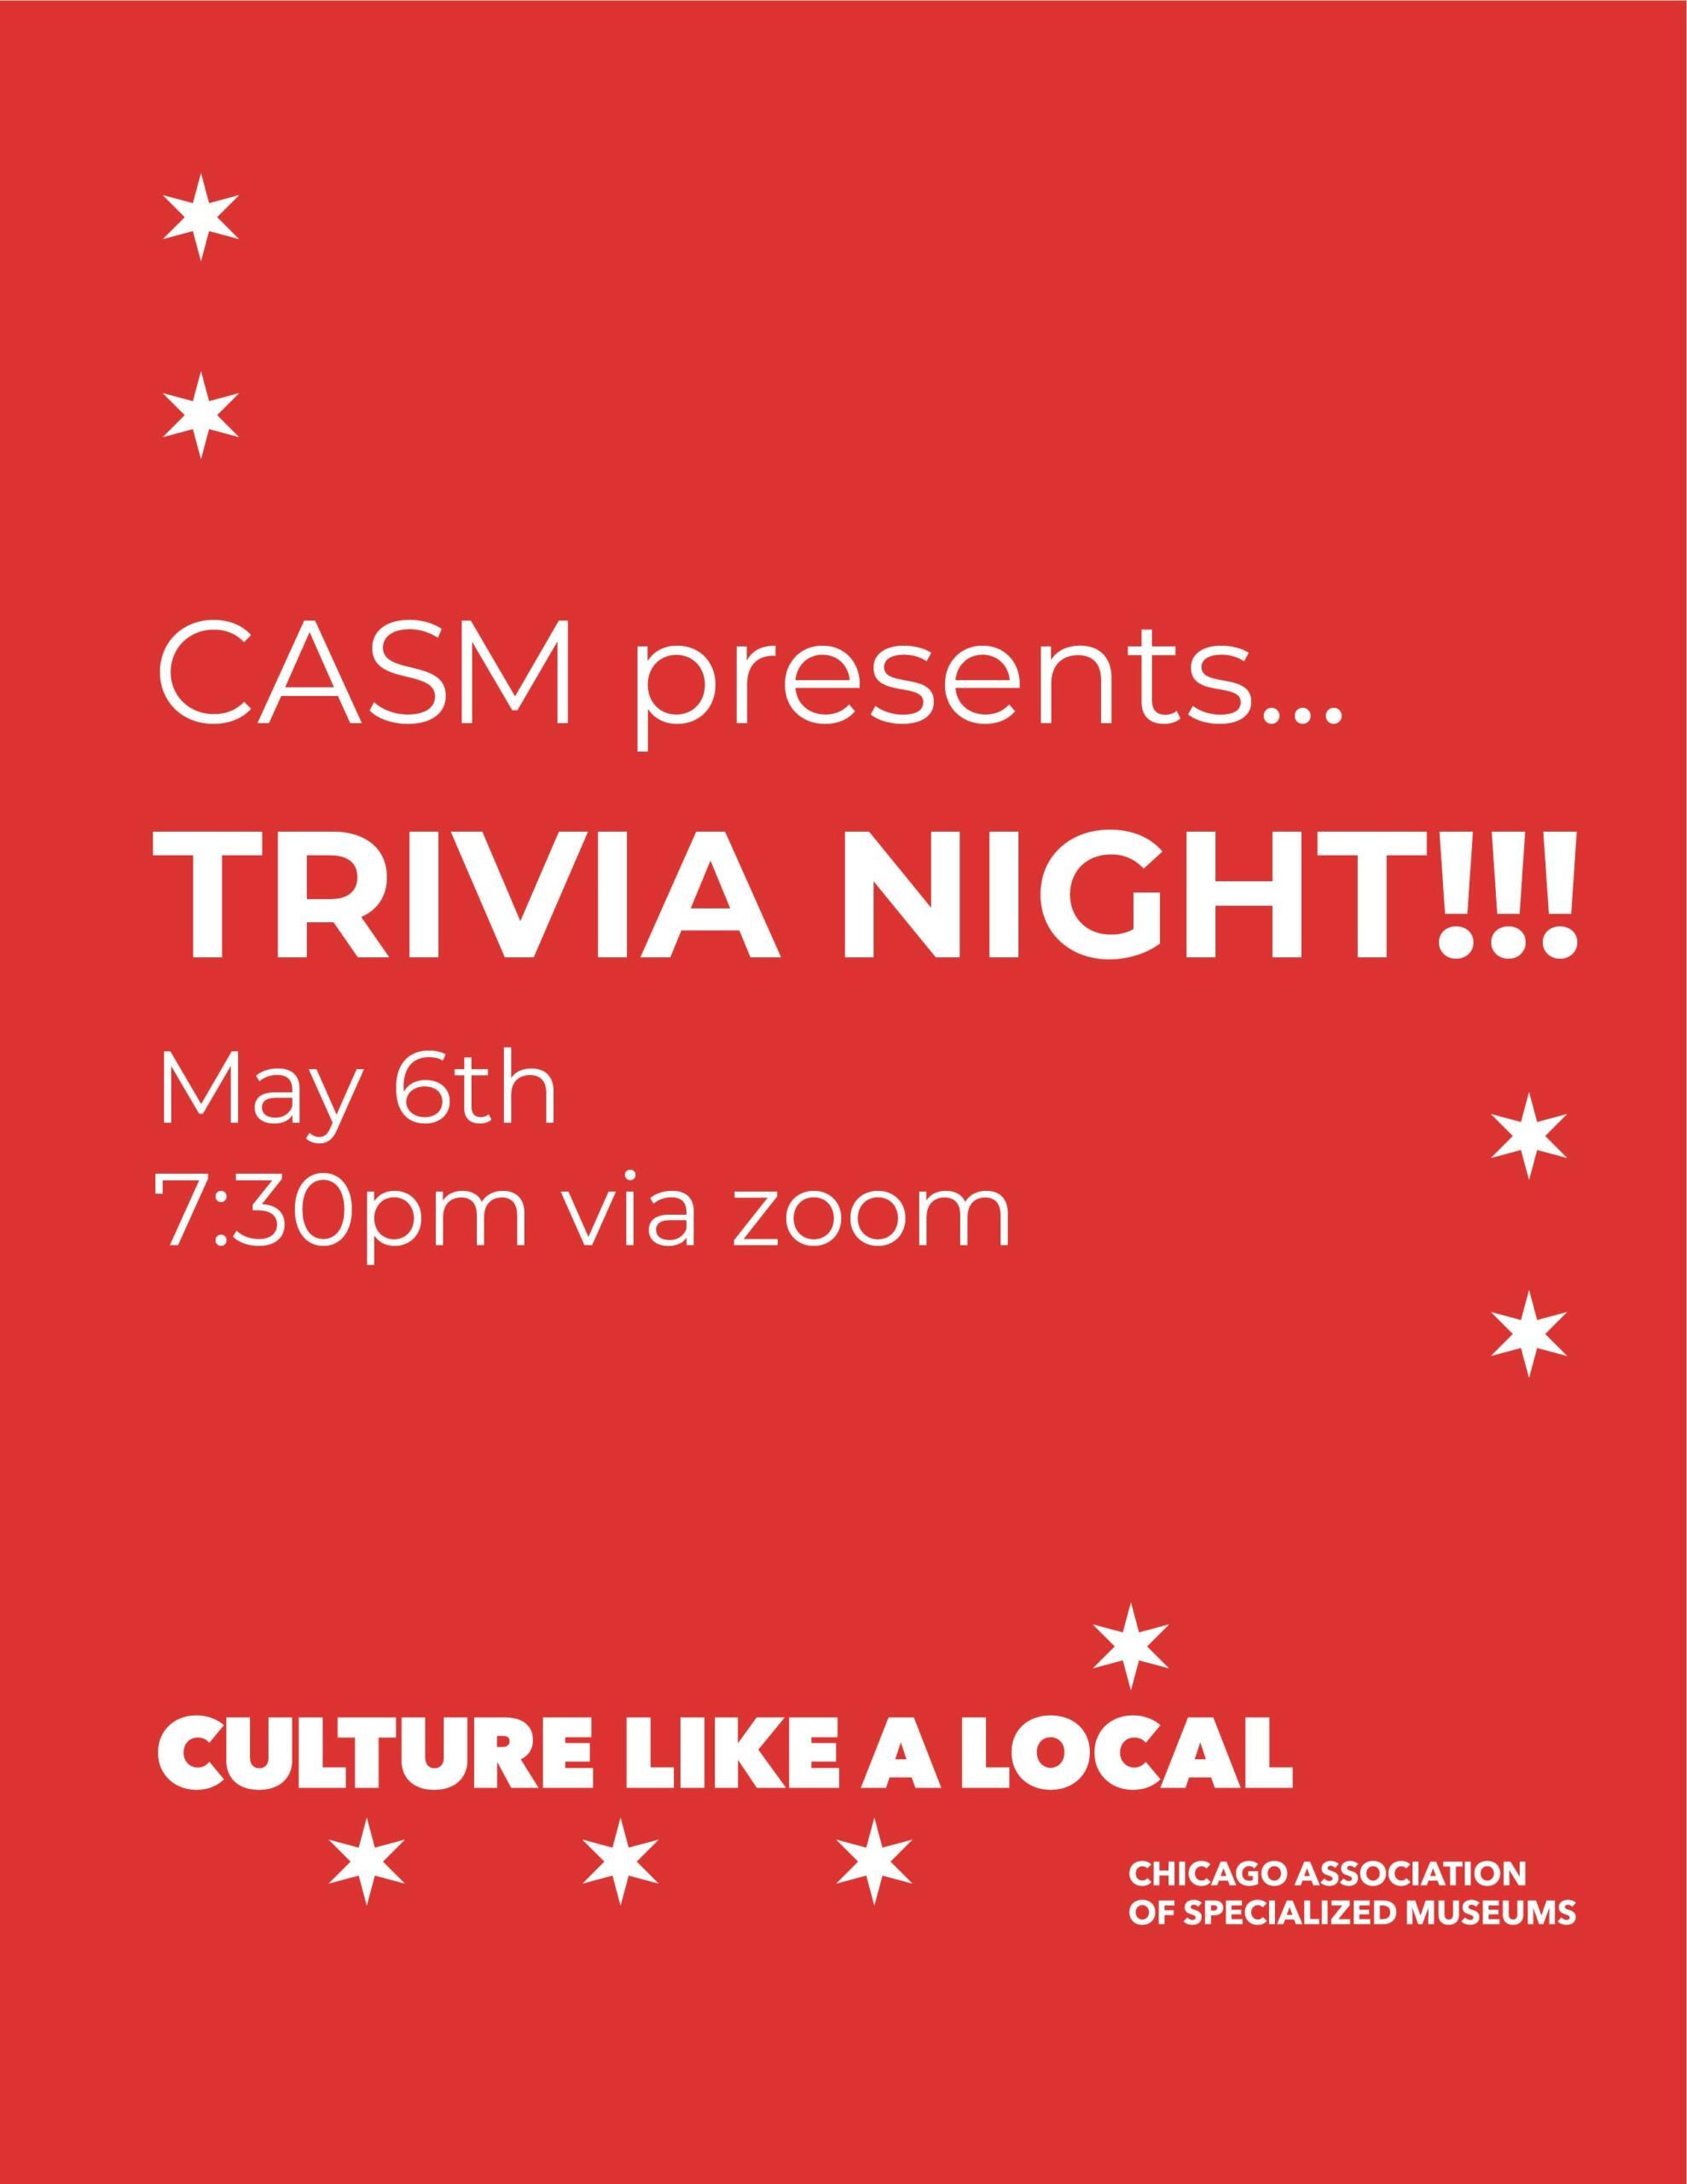 CASM Culture Like A Local Trivia Night